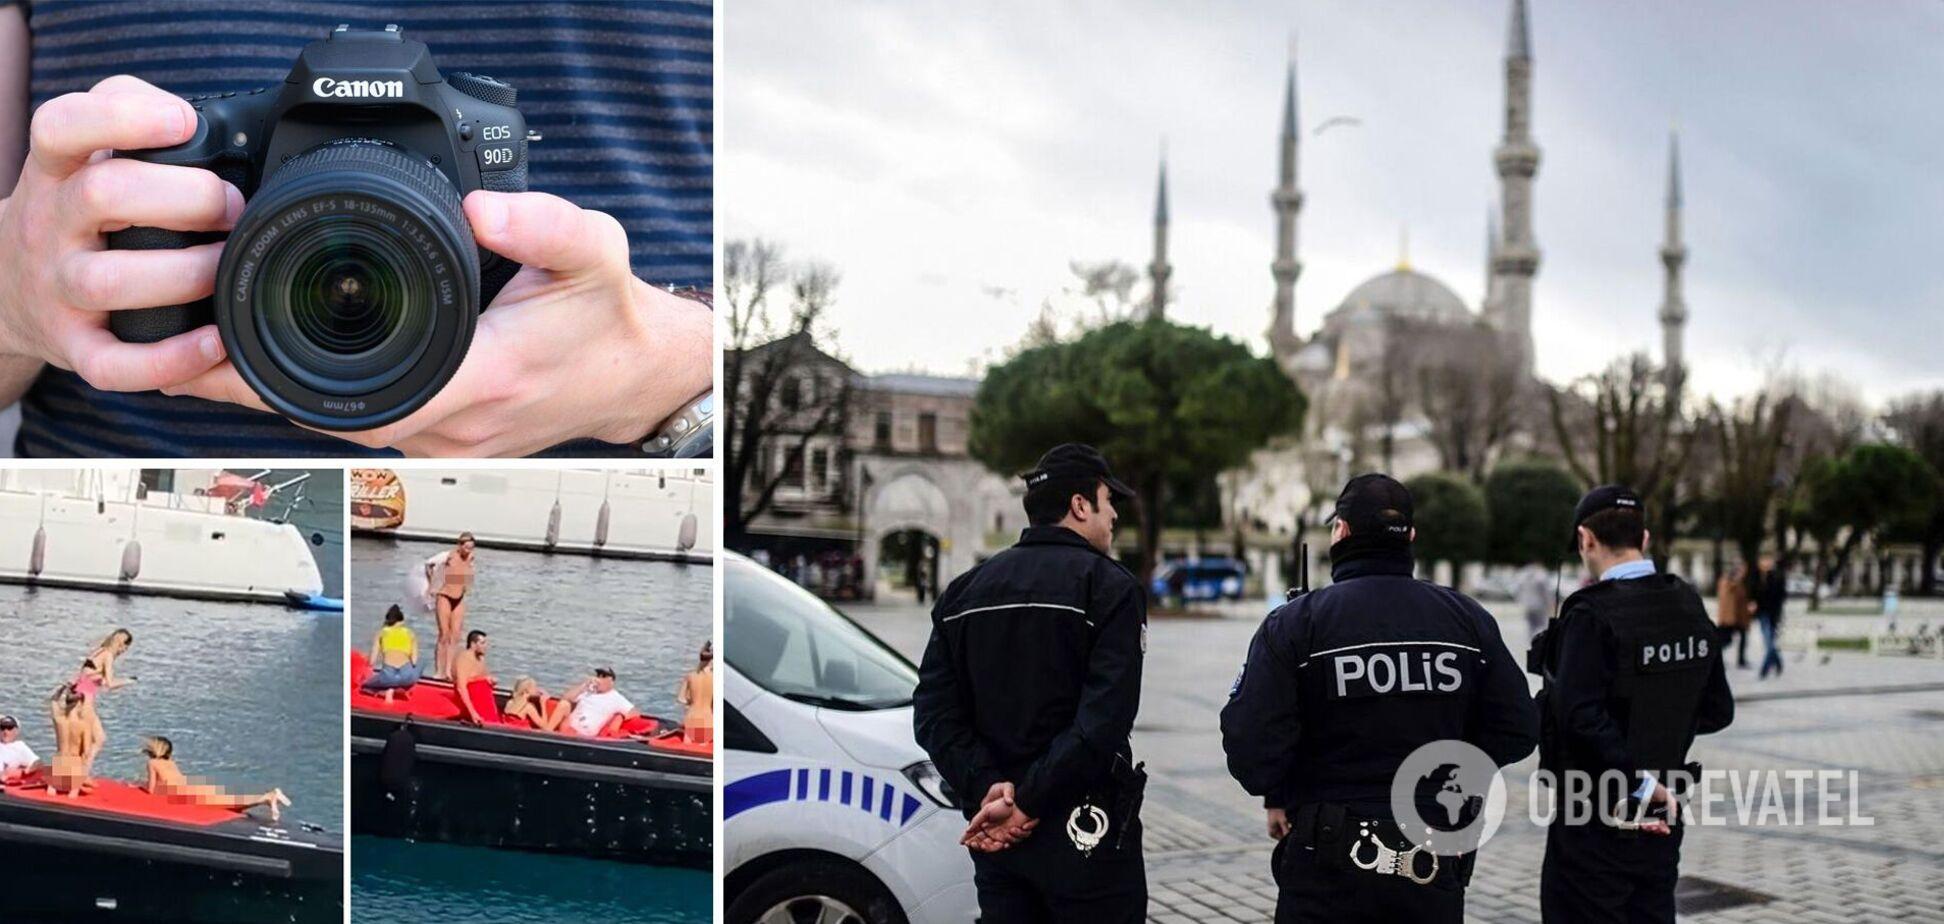 'Наши девушки дешевле, спрос есть всегда': что известно об украинках, угодивших в 'голый' скандал в Турции